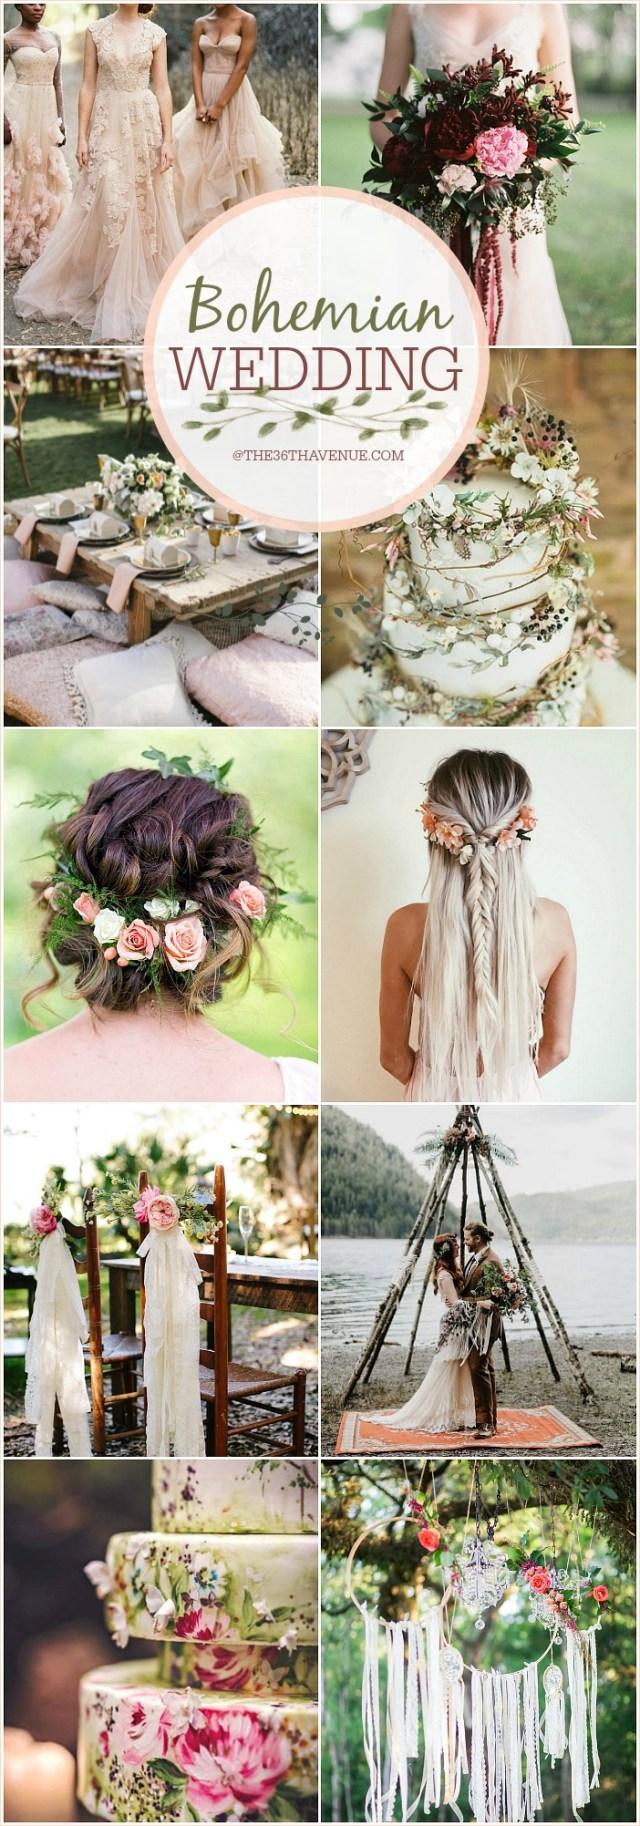 Wedding Dyi Ideas Bohemian Wedding Ideas Diy Boho Chic Wedding The 36th Avenue